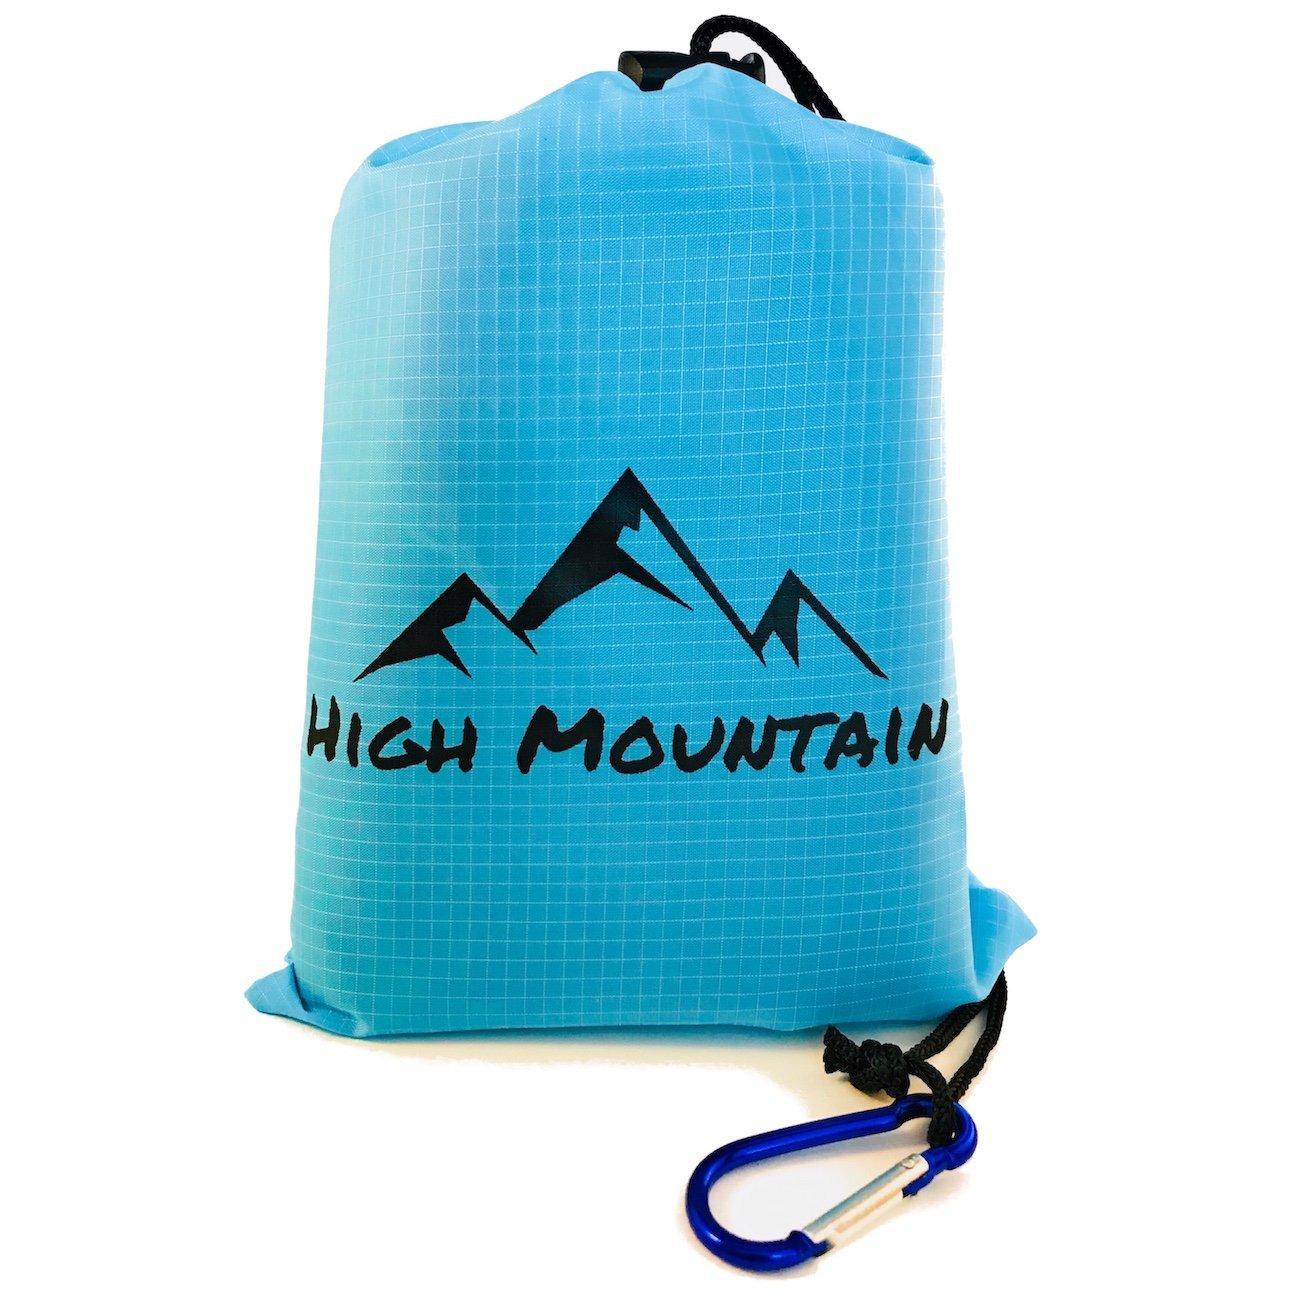 High Mountainピクニック毛布/防水アウトドアポケットTarp/コンパクトグランドカバーのビーチ、キャンプ/耐久性とひもでコーナーポケット、ループ、Stakes、、カラビナ付きポーチバッグ B076J5K44N